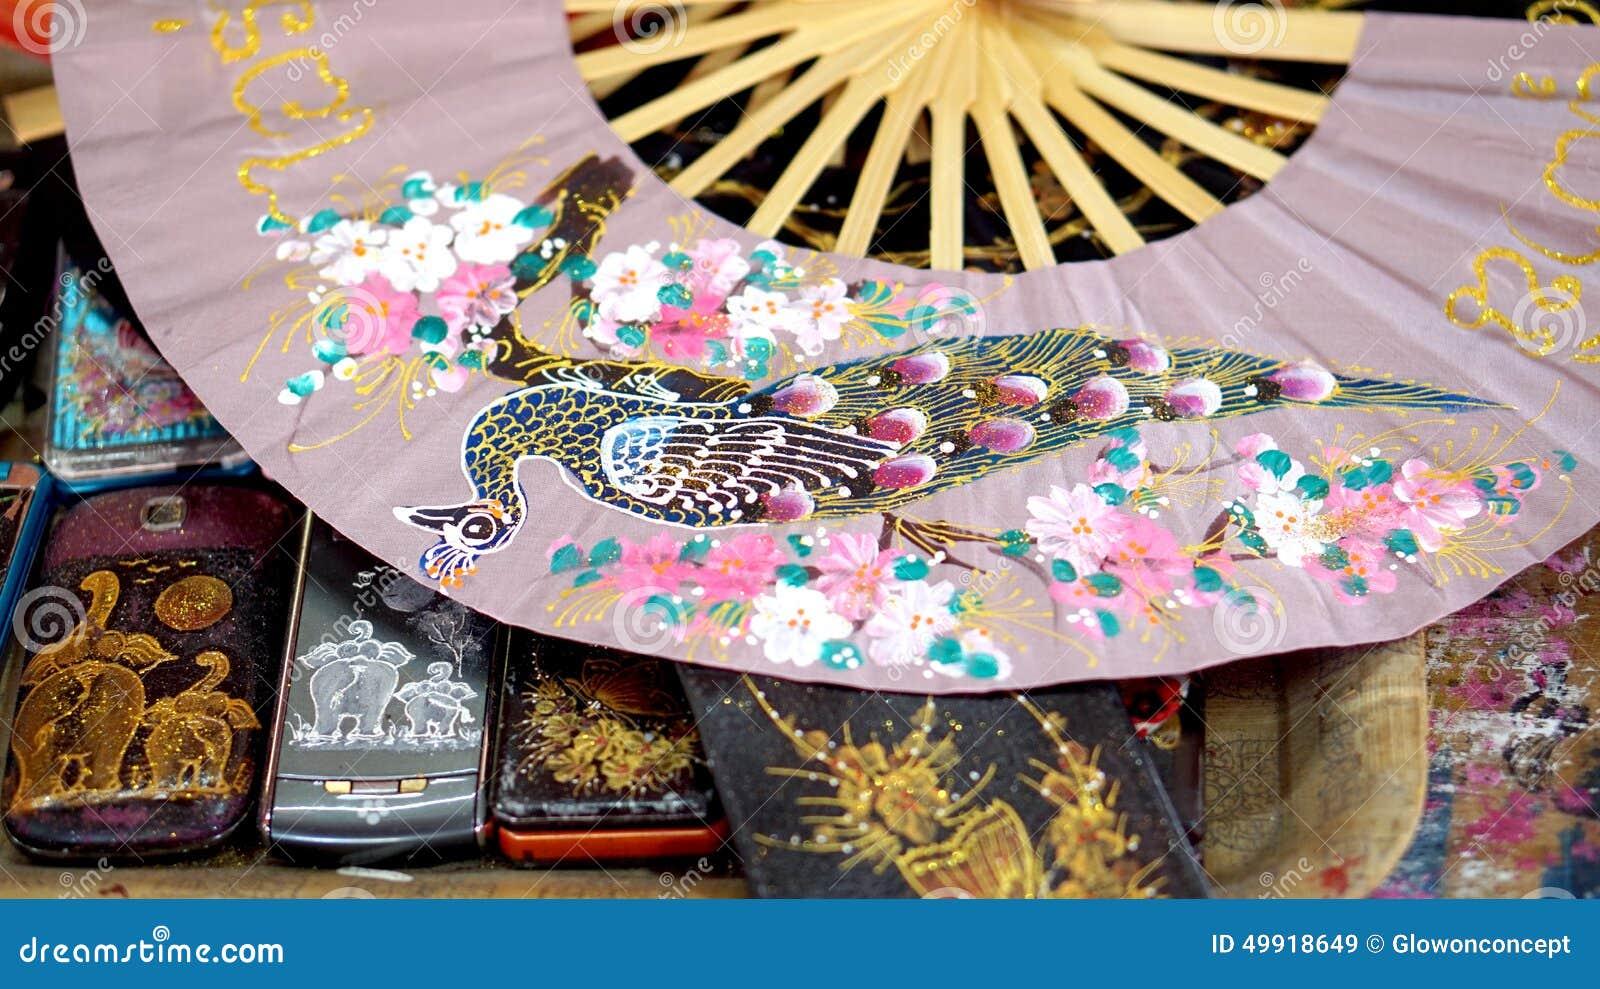 Pittura asiatica di arte sulla carta muberry